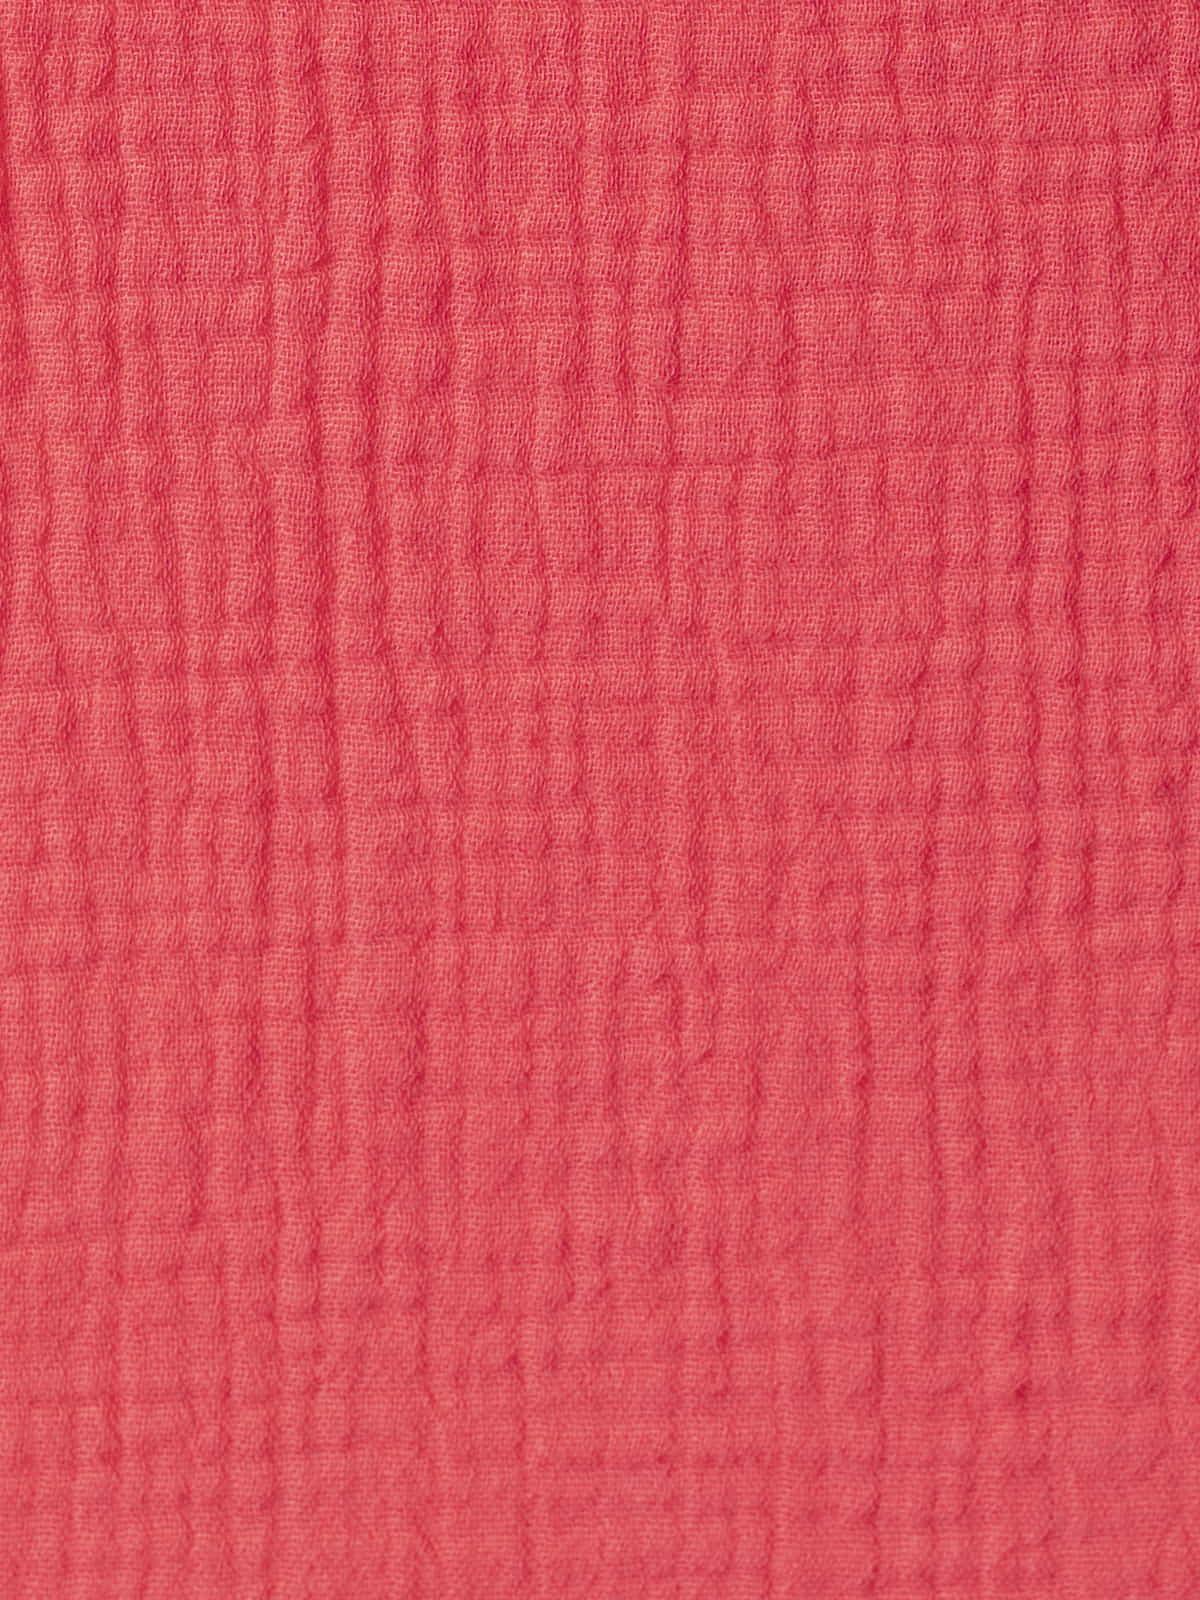 Top de algodón arrugado Fresa